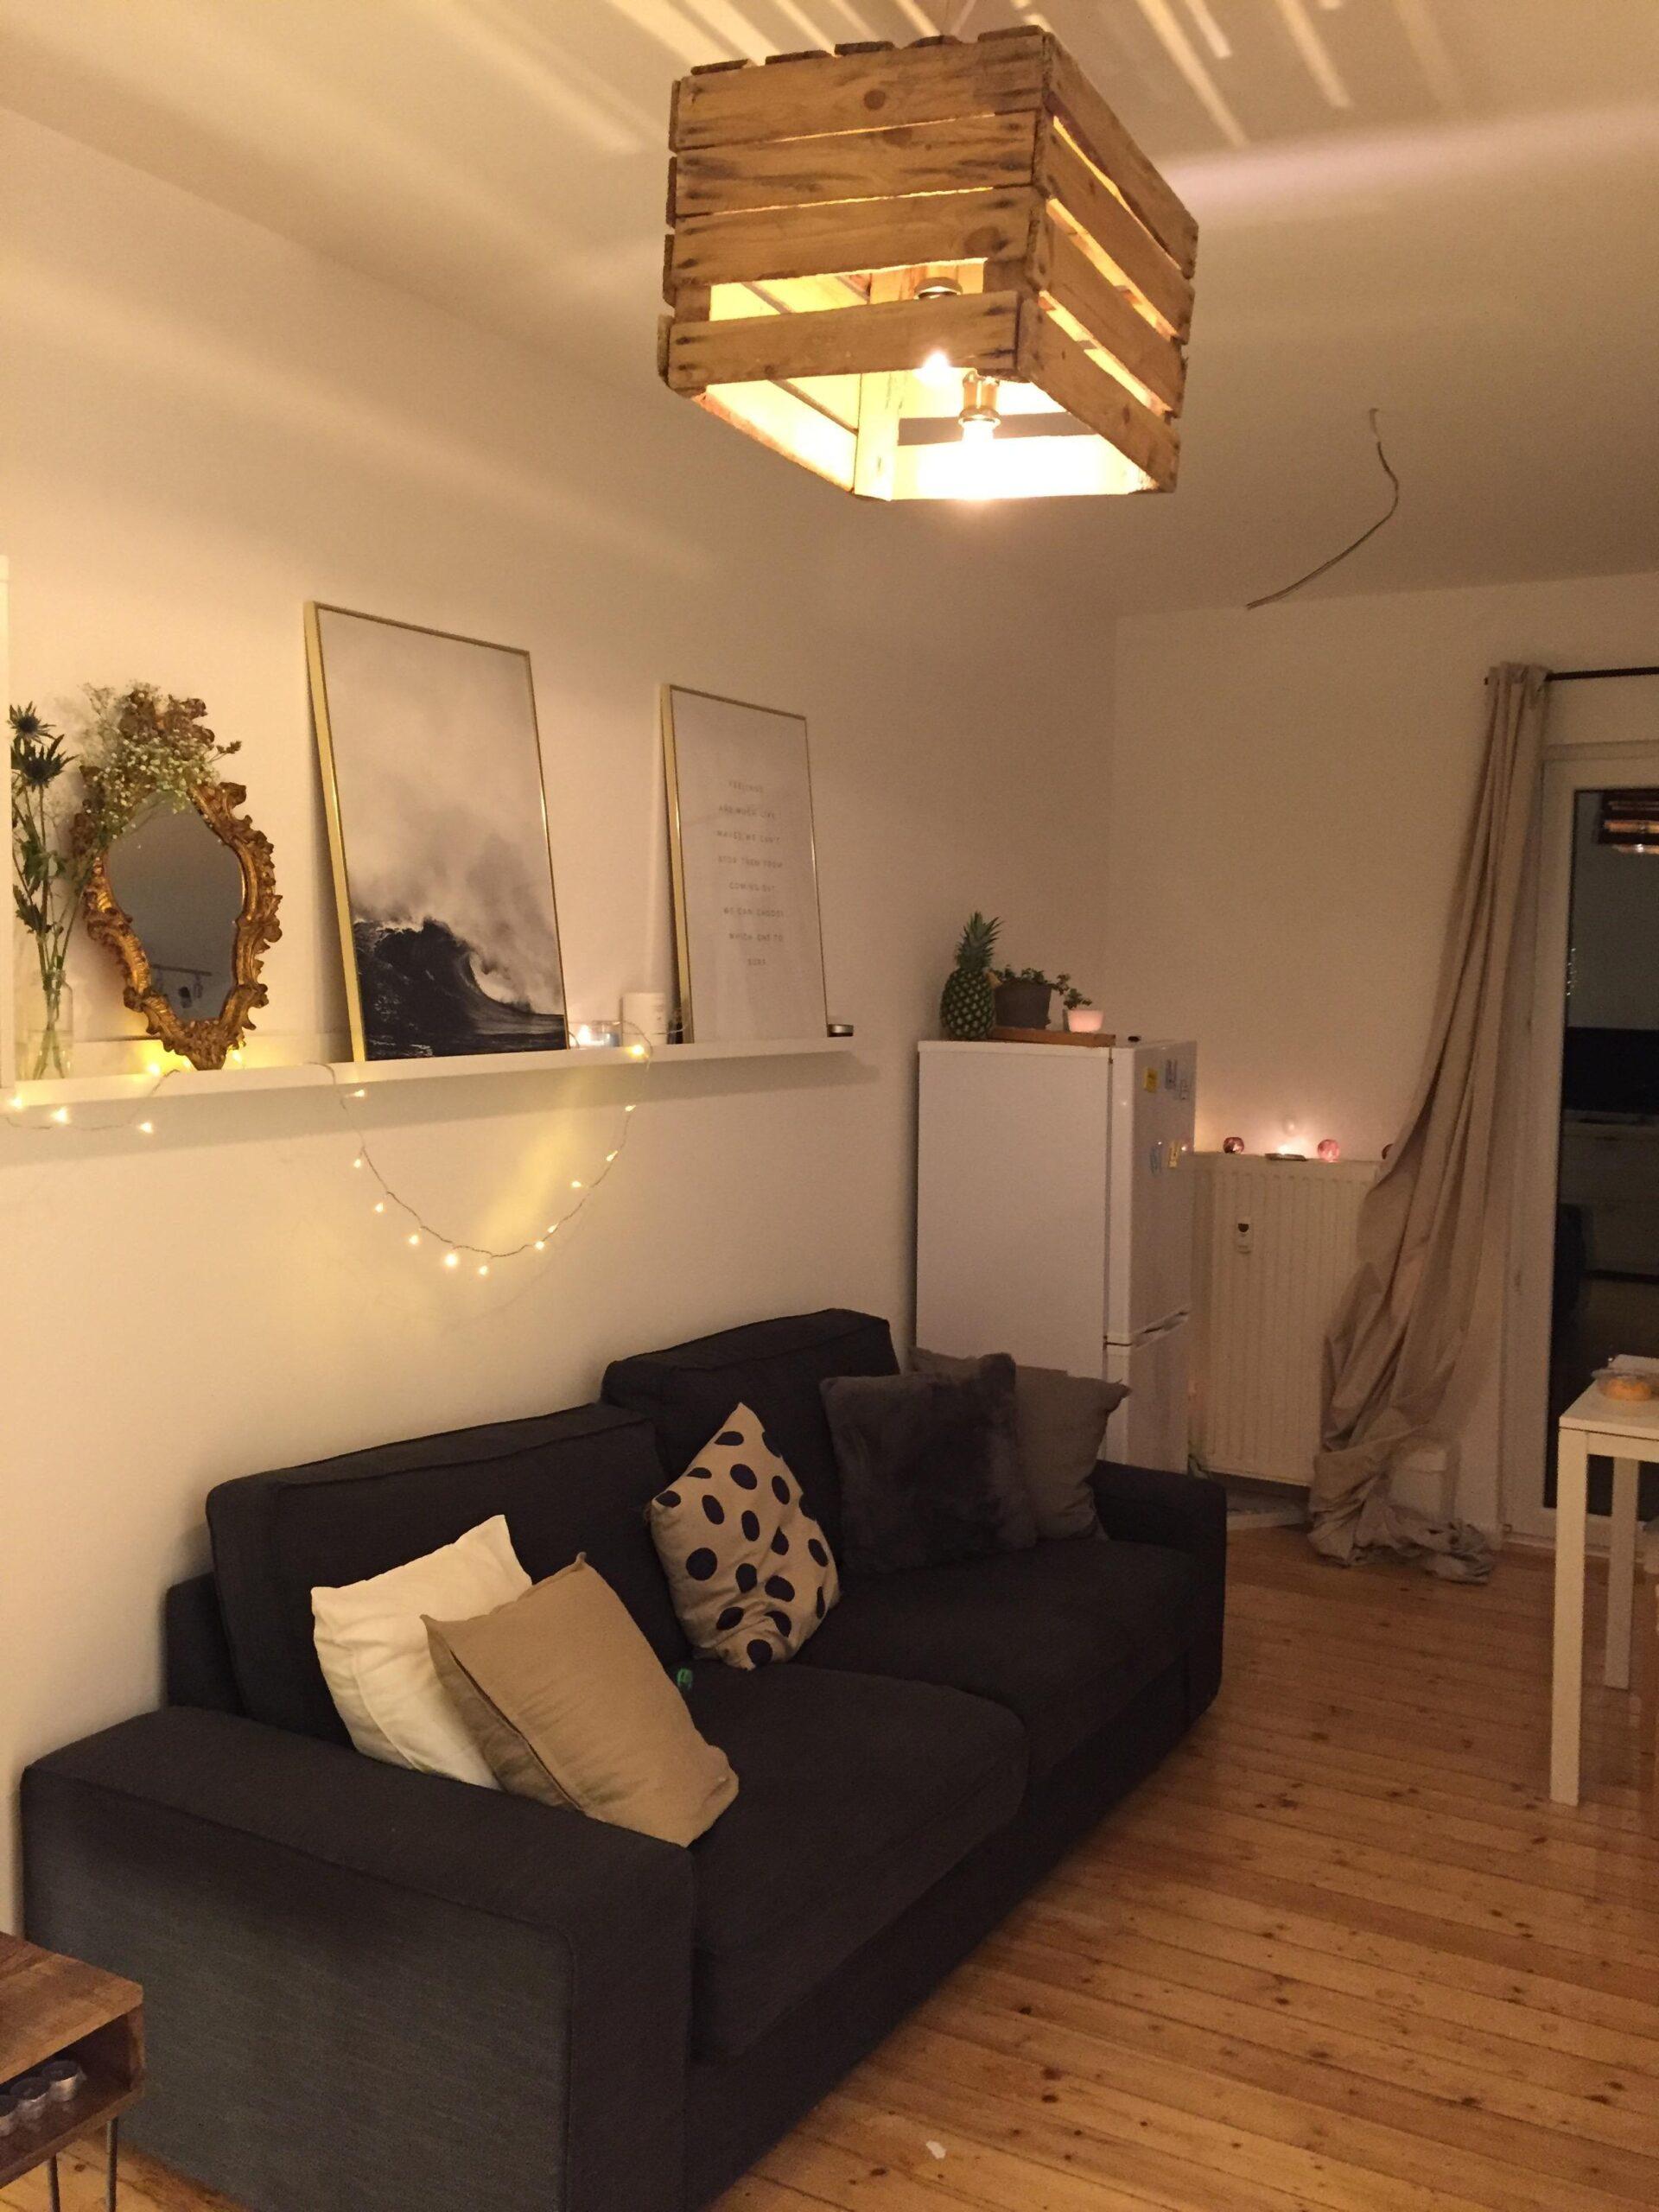 Full Size of Lampen Wohnzimmer Mit Diy Lampe Ikea Desenio Scandi L Deckenleuchte Kommode Stehlampe Tapeten Ideen Sideboard Vorhänge Wohnwand Bad Led Moderne Liege Wohnzimmer Lampen Wohnzimmer